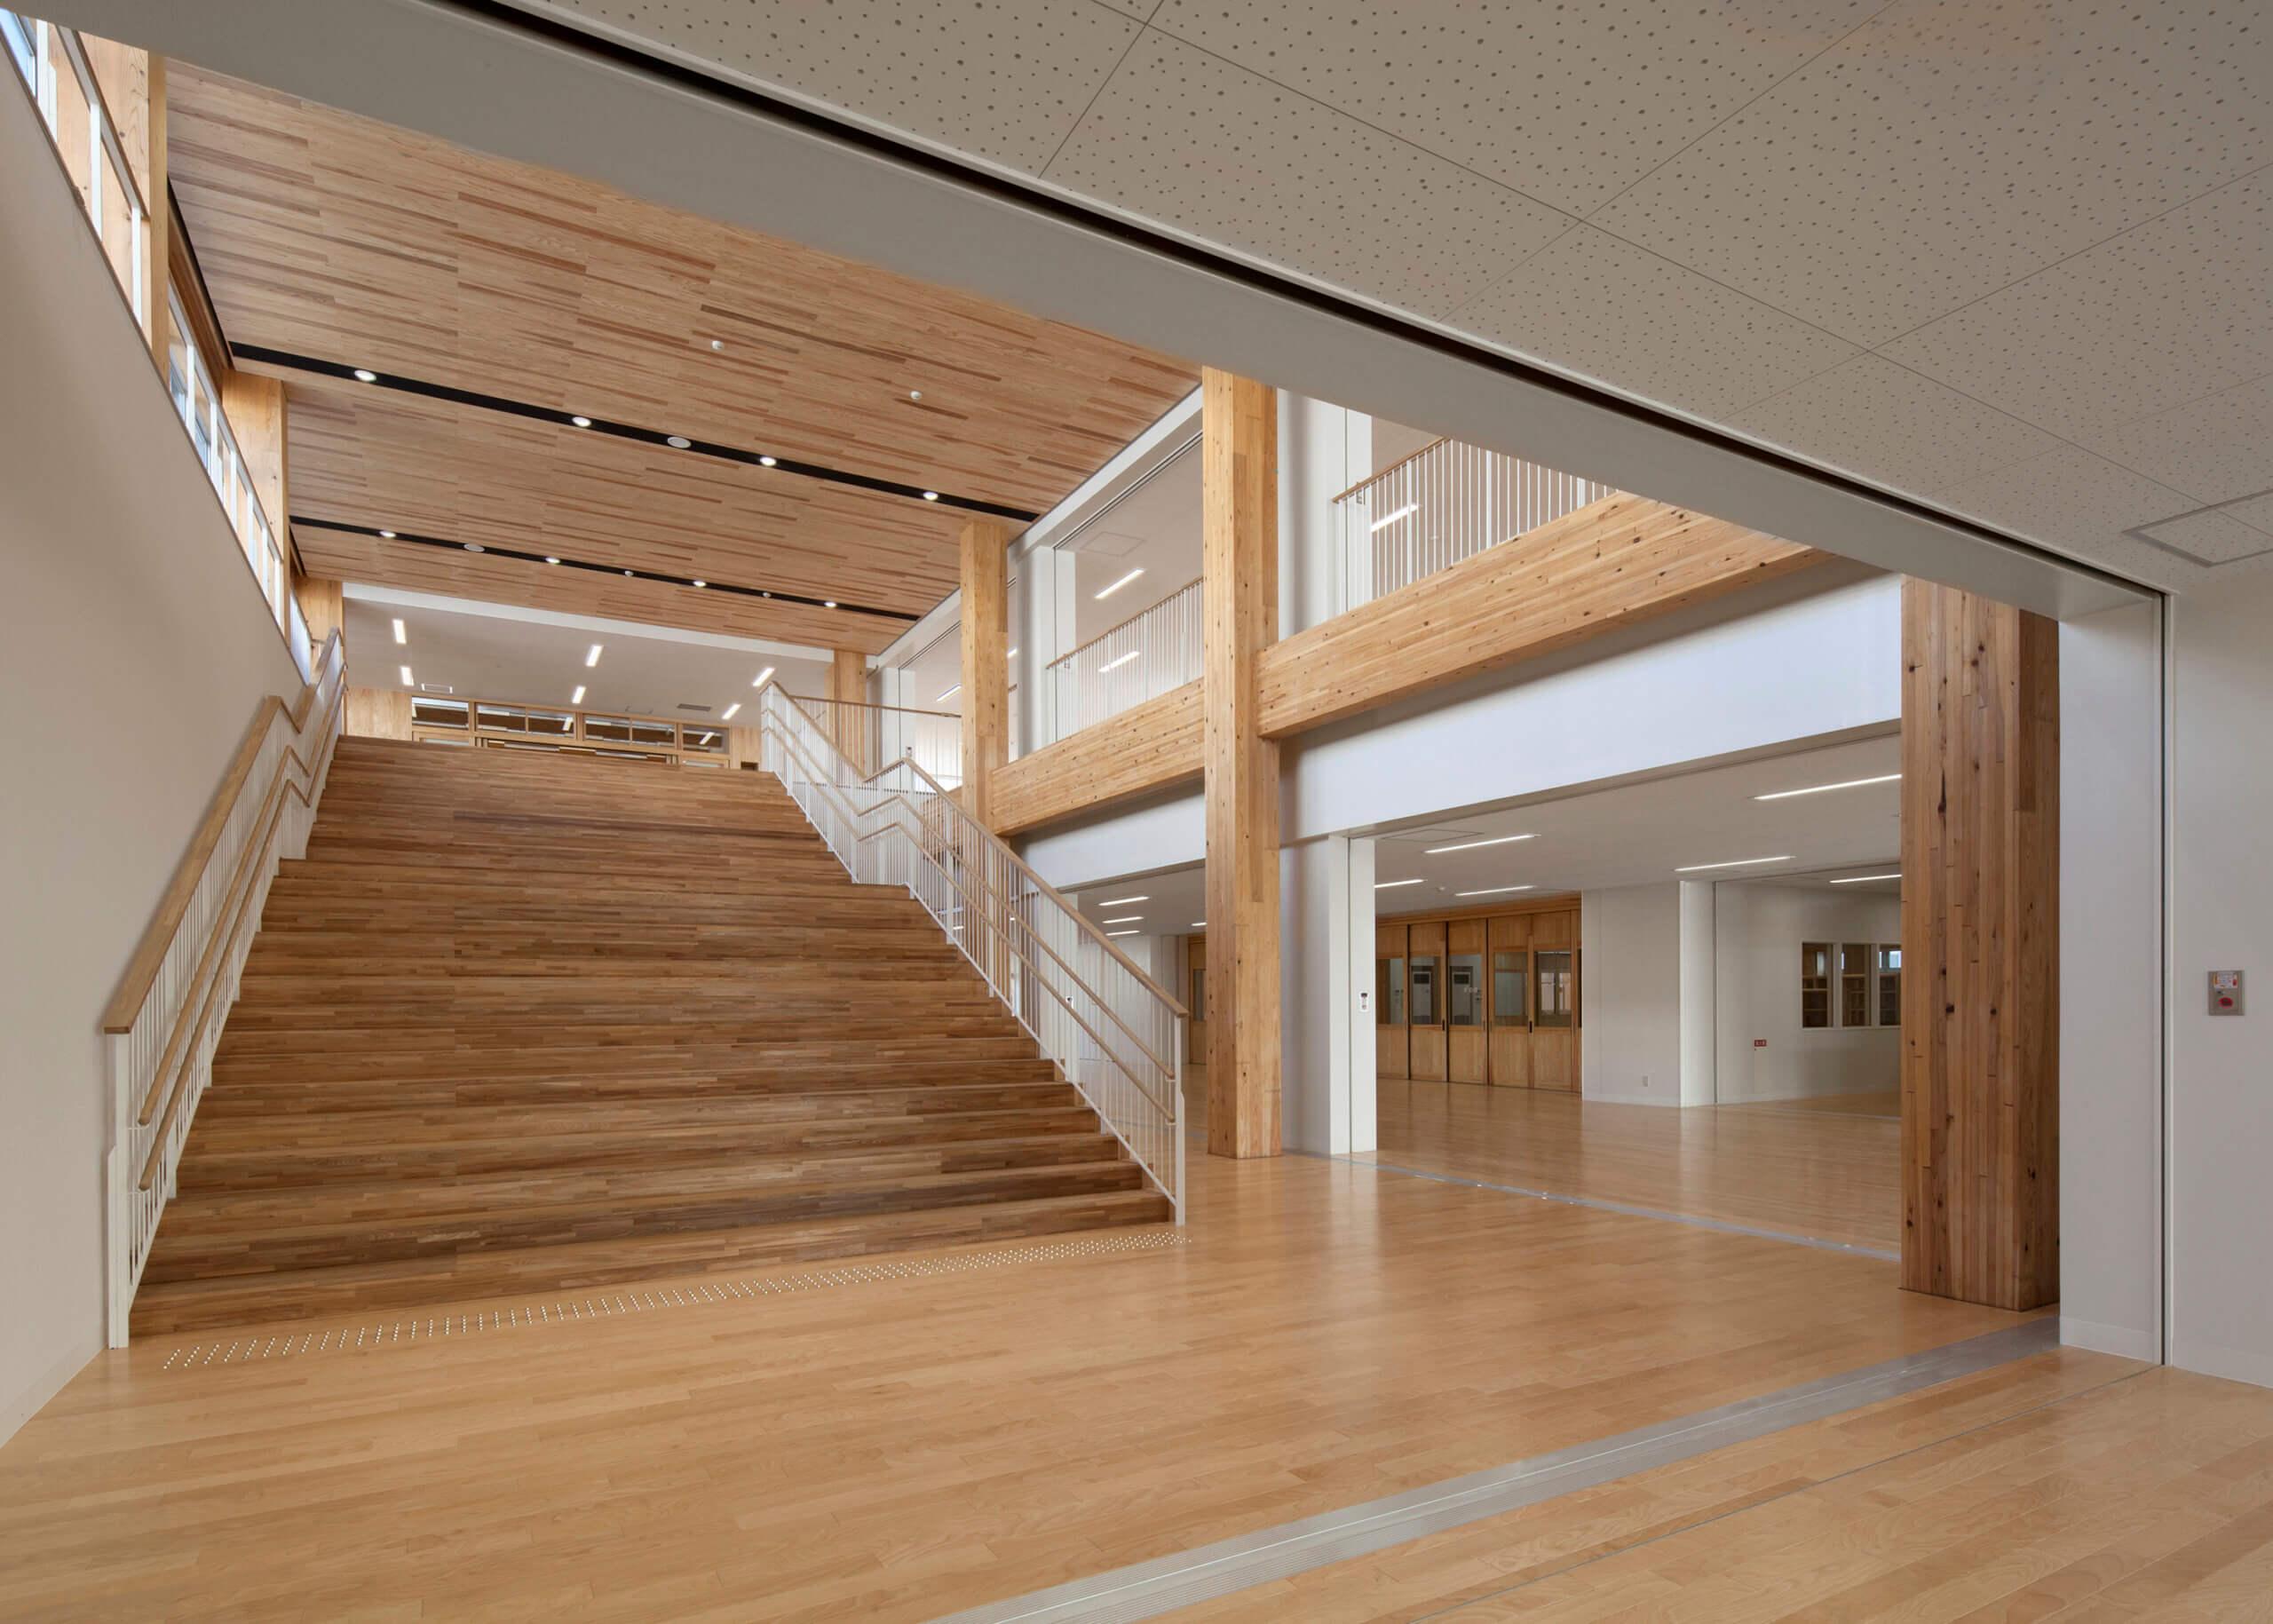 木造建築の施工事例:大槌町立大槌学園小中一貫教育校(校舎棟) 5枚目